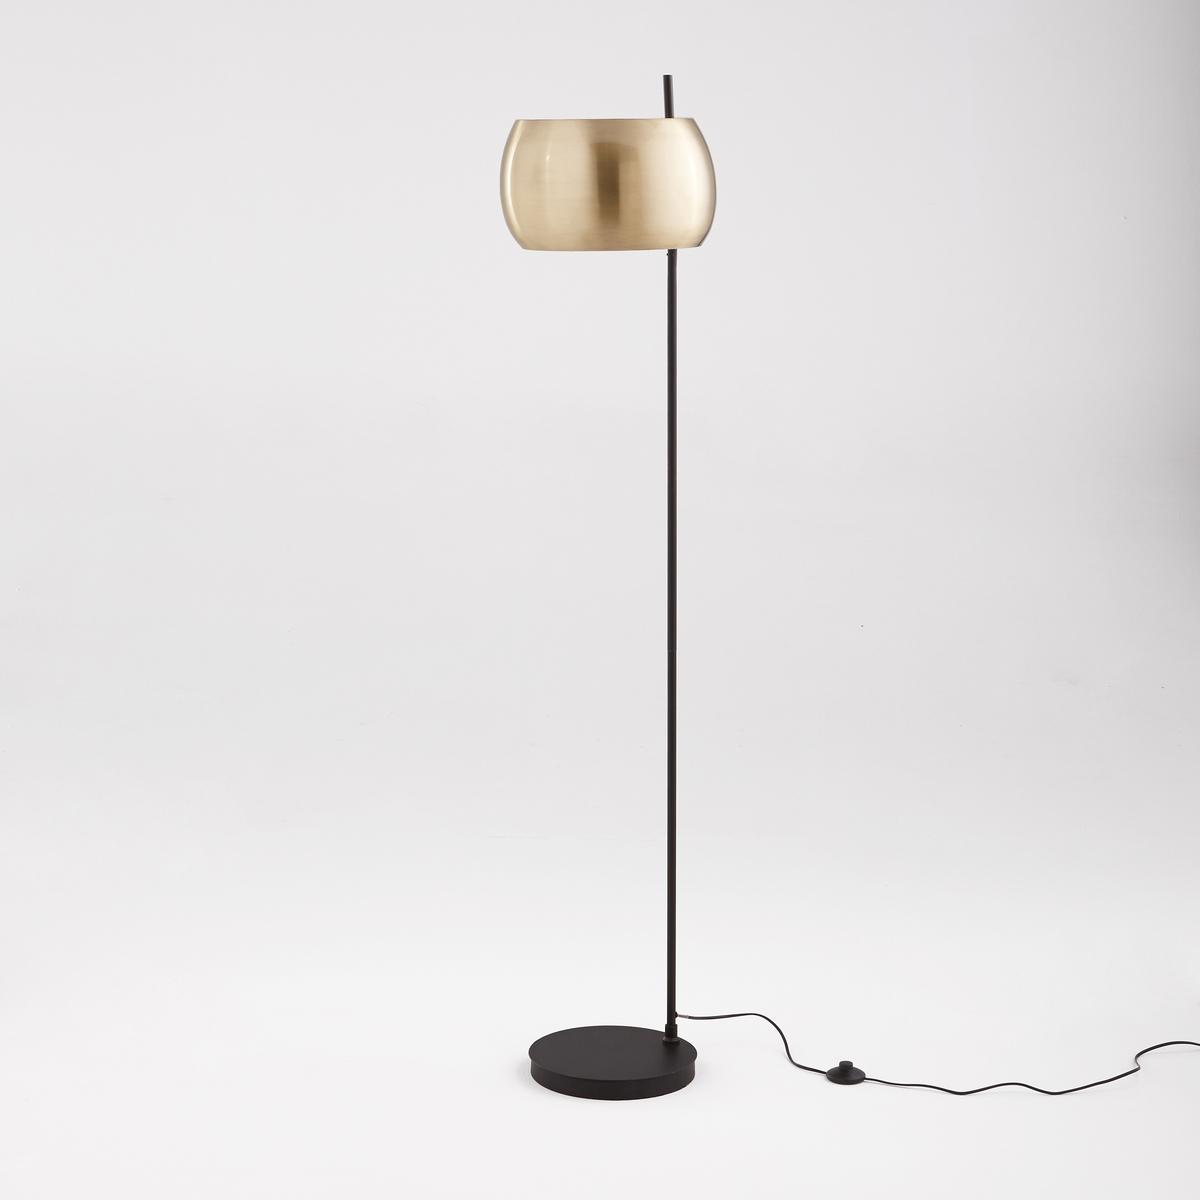 Торшер из металла черного цвета и латуни EloriТоршер из металла Elori. Благодаря строгой форме и отделкой латунью лампа подходит для любой комнаты и придаст модных ноток вашему декору.Описание торшера из металла Elori :Патрон E27 для компактной флуоресцентной лампы макс. 15 Вт (продается отдельно).Светильник совместим с лампами класса энергопотребления : A. Характеристики торшера из металла Elori :Ножка и основание из металла с покрытием эпоксидной краской.Абажур из металла с латунным покрытием.Другие модели коллекции Elori вы можете найти на сайте laredoute.ruРазмеры торшера из металла Elori :Высота 158 см, длина 38 см, глубина 38 см.Абажур : ?35 x В.19,5 см. Размер и вес посылки : 1 посылкаШ.40 x Г.40 x В.73 см.8,8 кг.<br><br>Цвет: черный/латунь